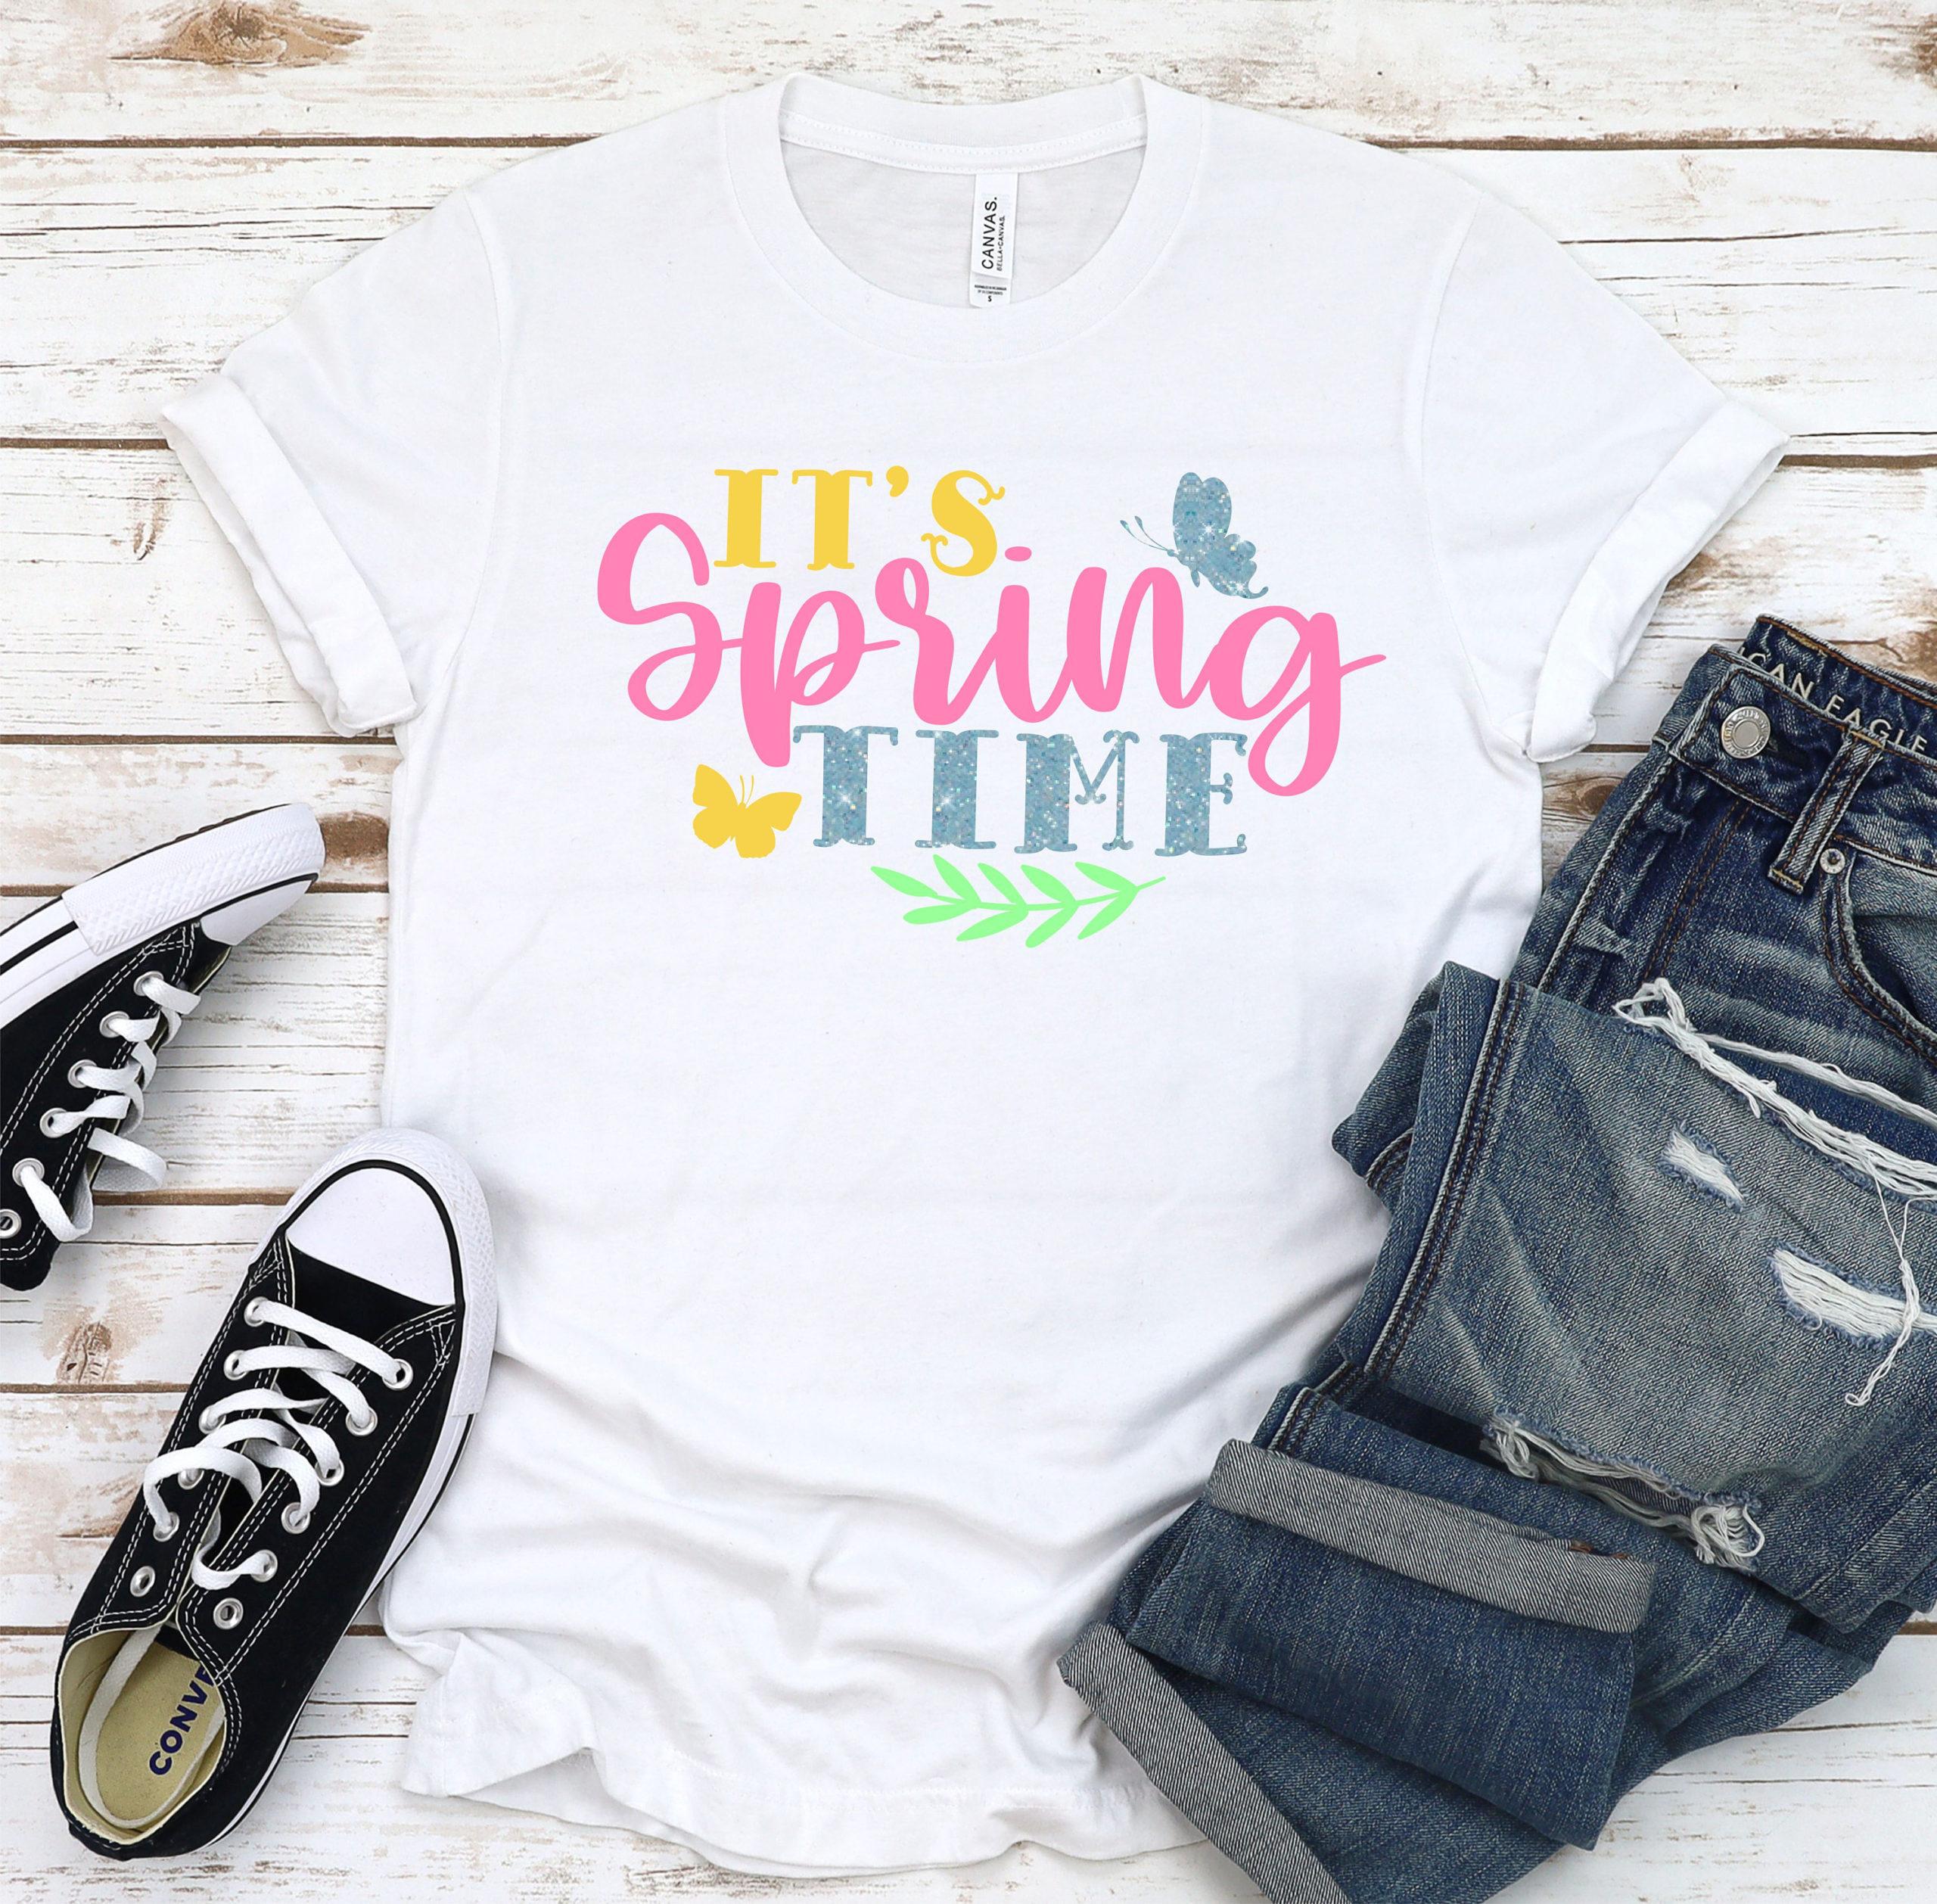 Spring-svg-its-spring-time-svg-springtime-svg-butterfly-svg-welcome-spring-svg-spring-svg-design-spring-cut-file-spring-cricut-60513af5